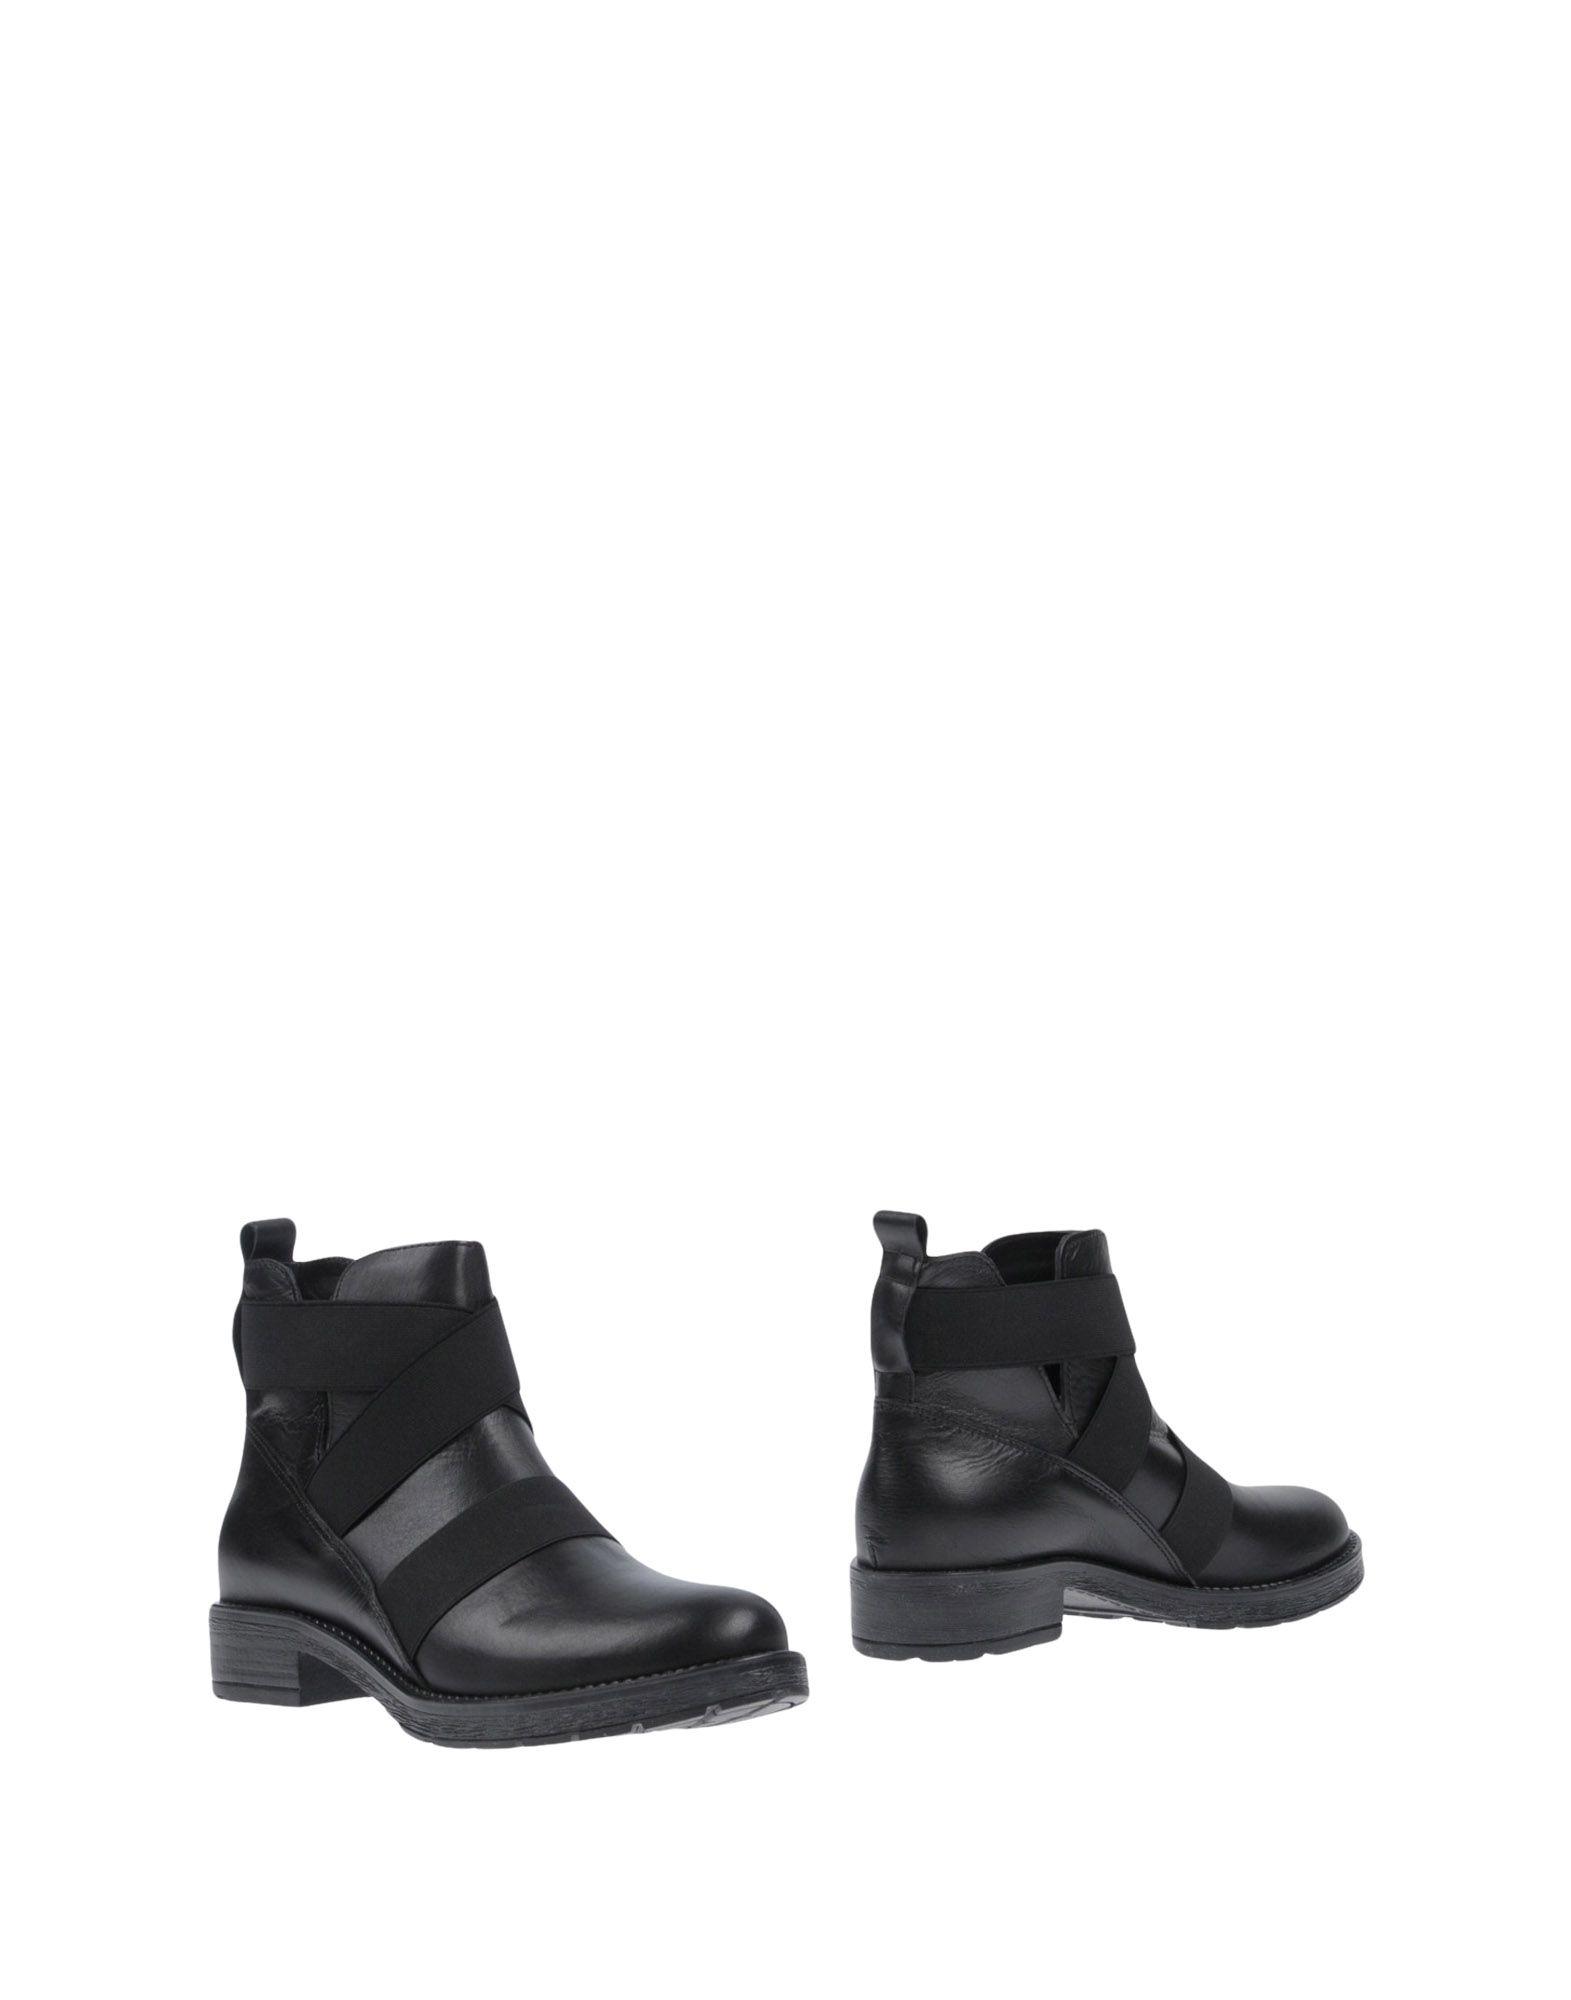 PAOLA FIRENZE Полусапоги и высокие ботинки fibra firenze полусапоги и высокие ботинки